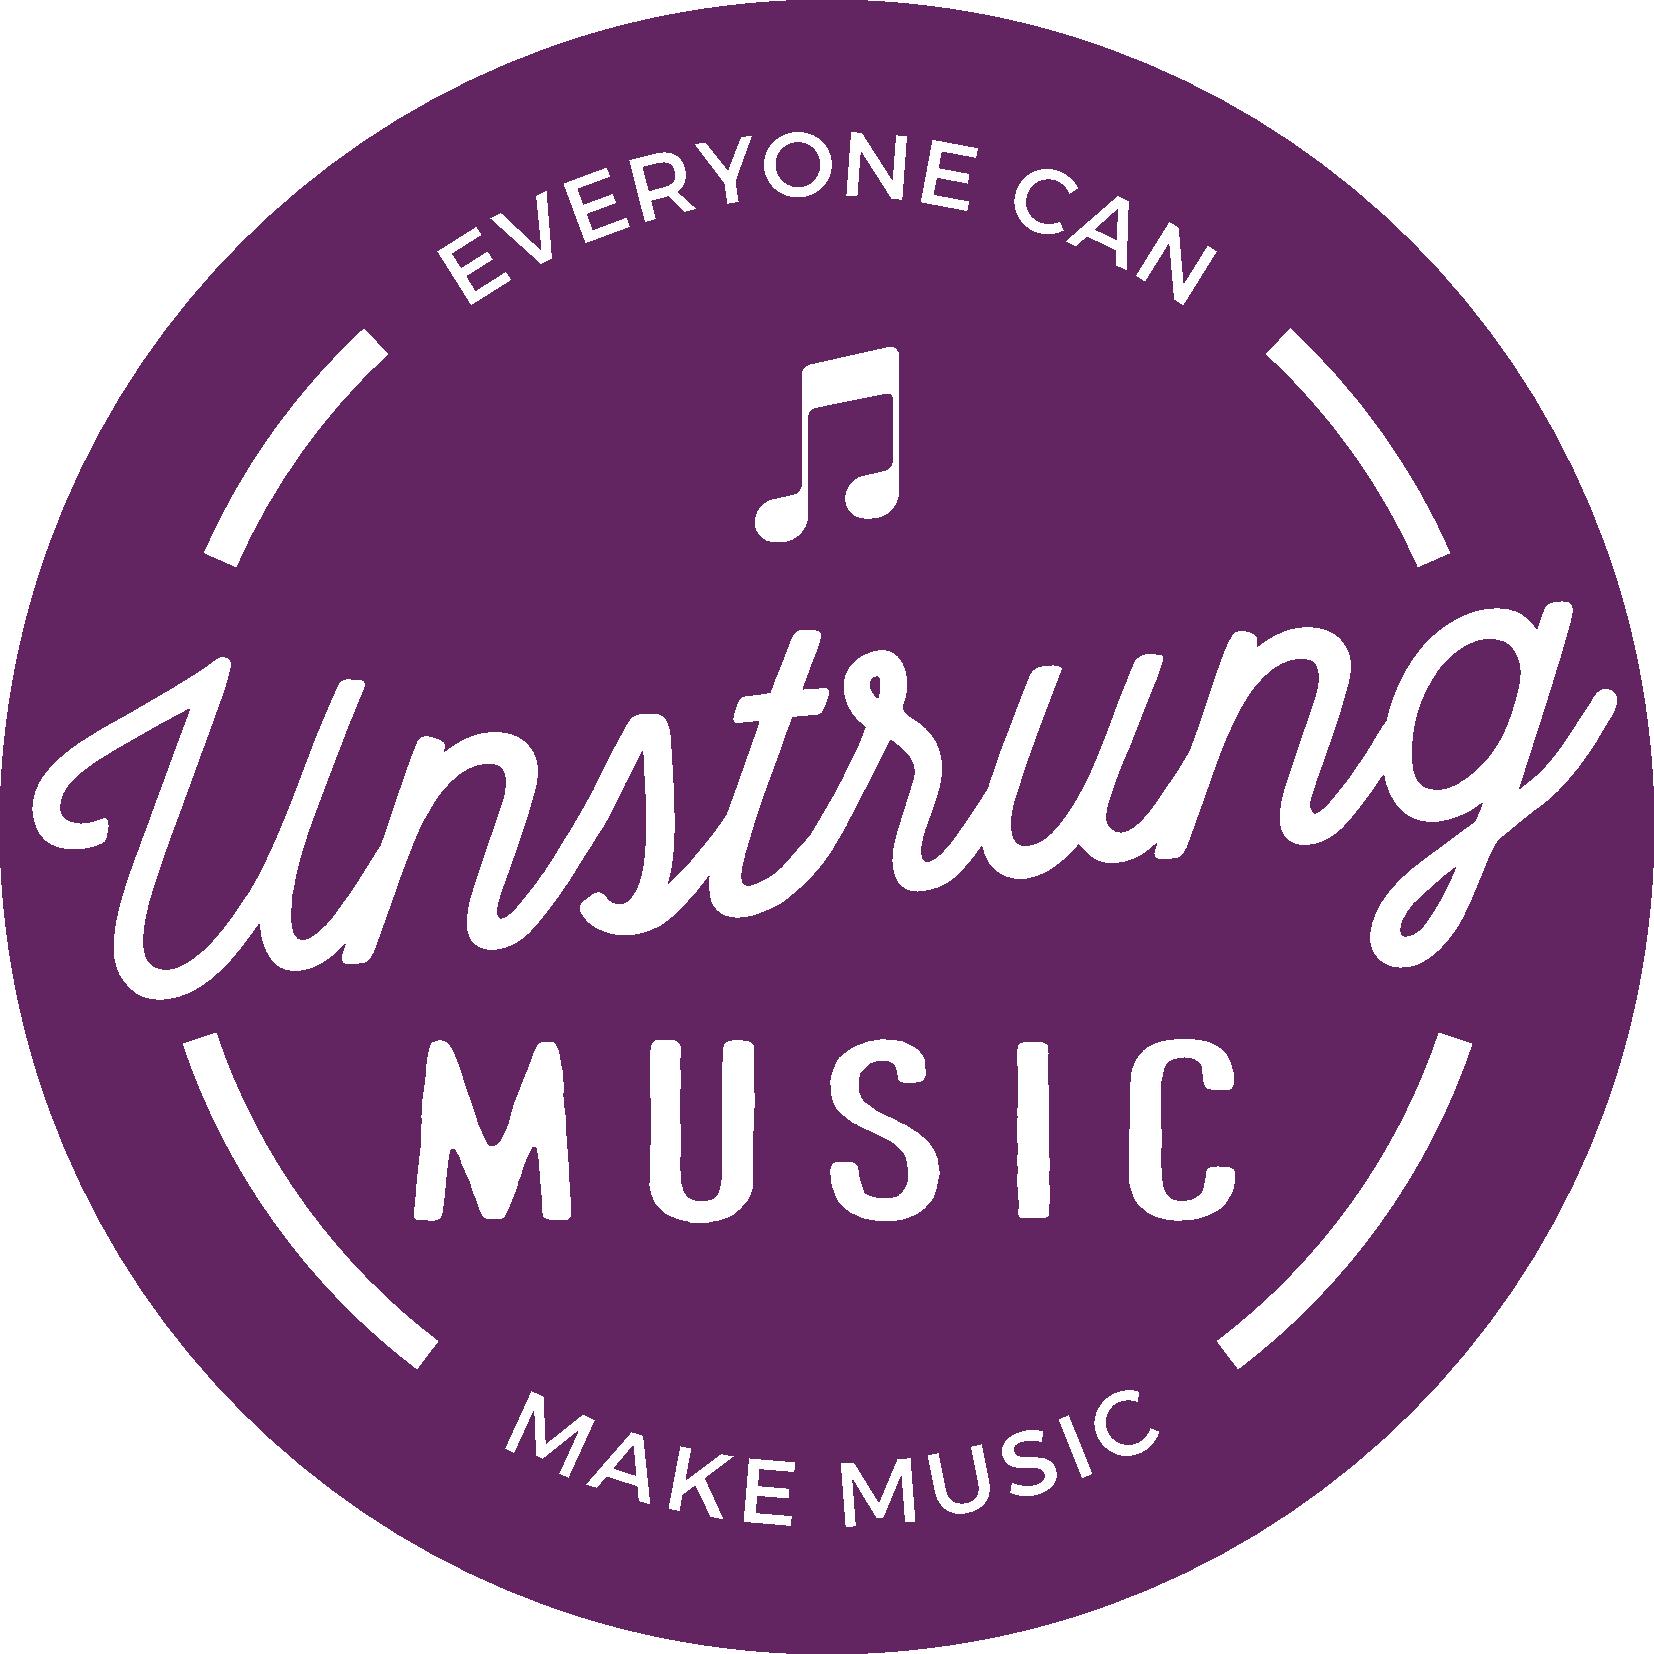 Unstrung Music